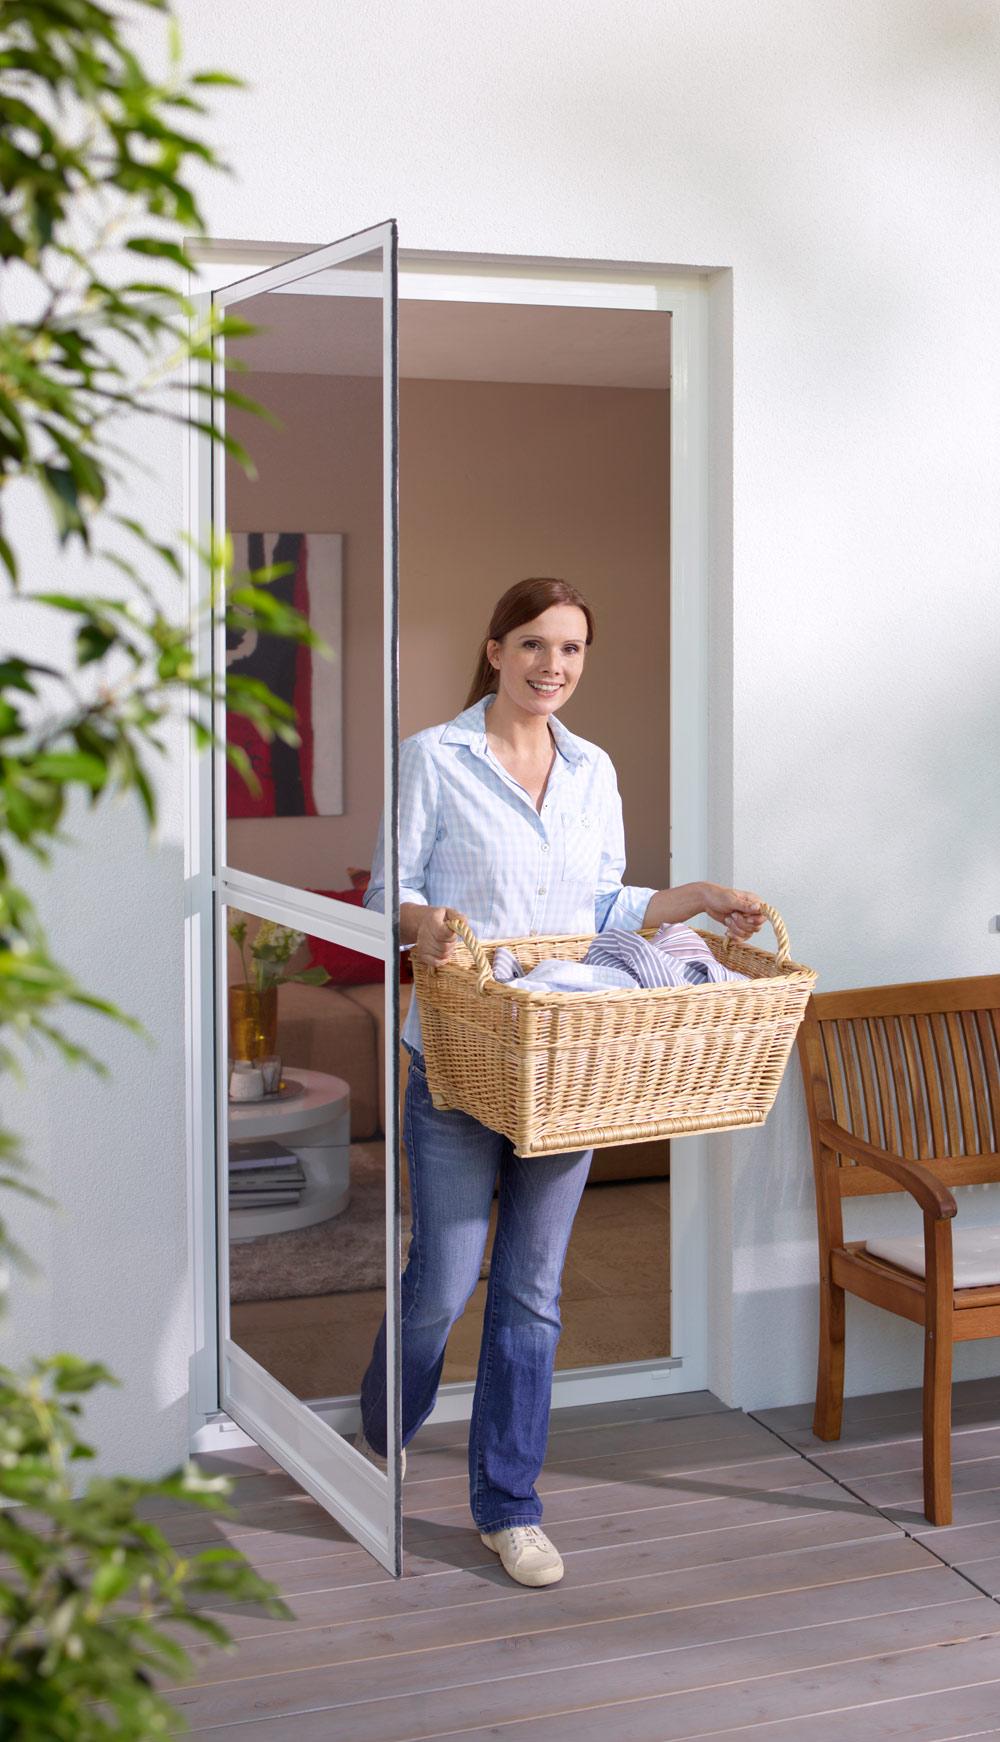 Terrassen / Insektenschutz - Schreinerei Plocher Immenstaad